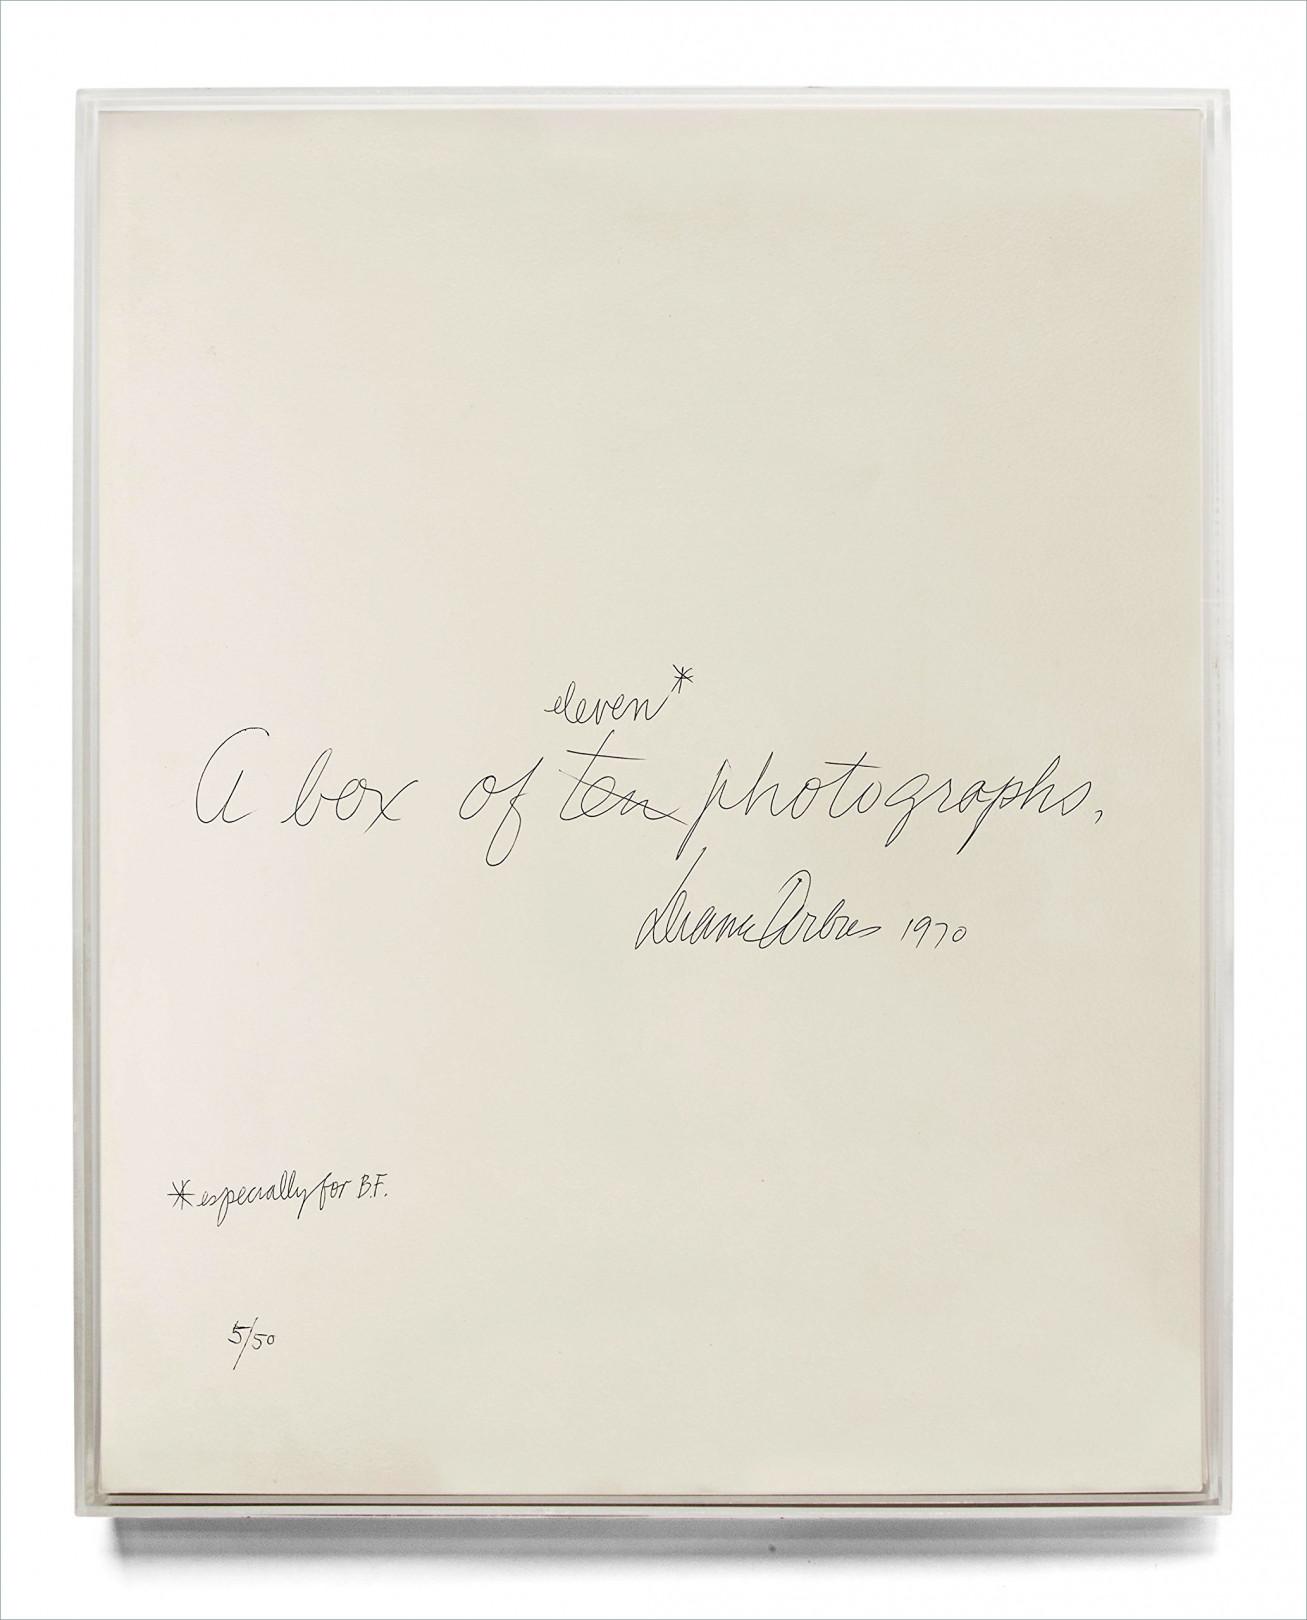 ダイアン・アーバスの幻のポートフォリオがアーバス展カタログで蘇る【ShelfオススメBOOK】の画像:キレイスタイルニュース